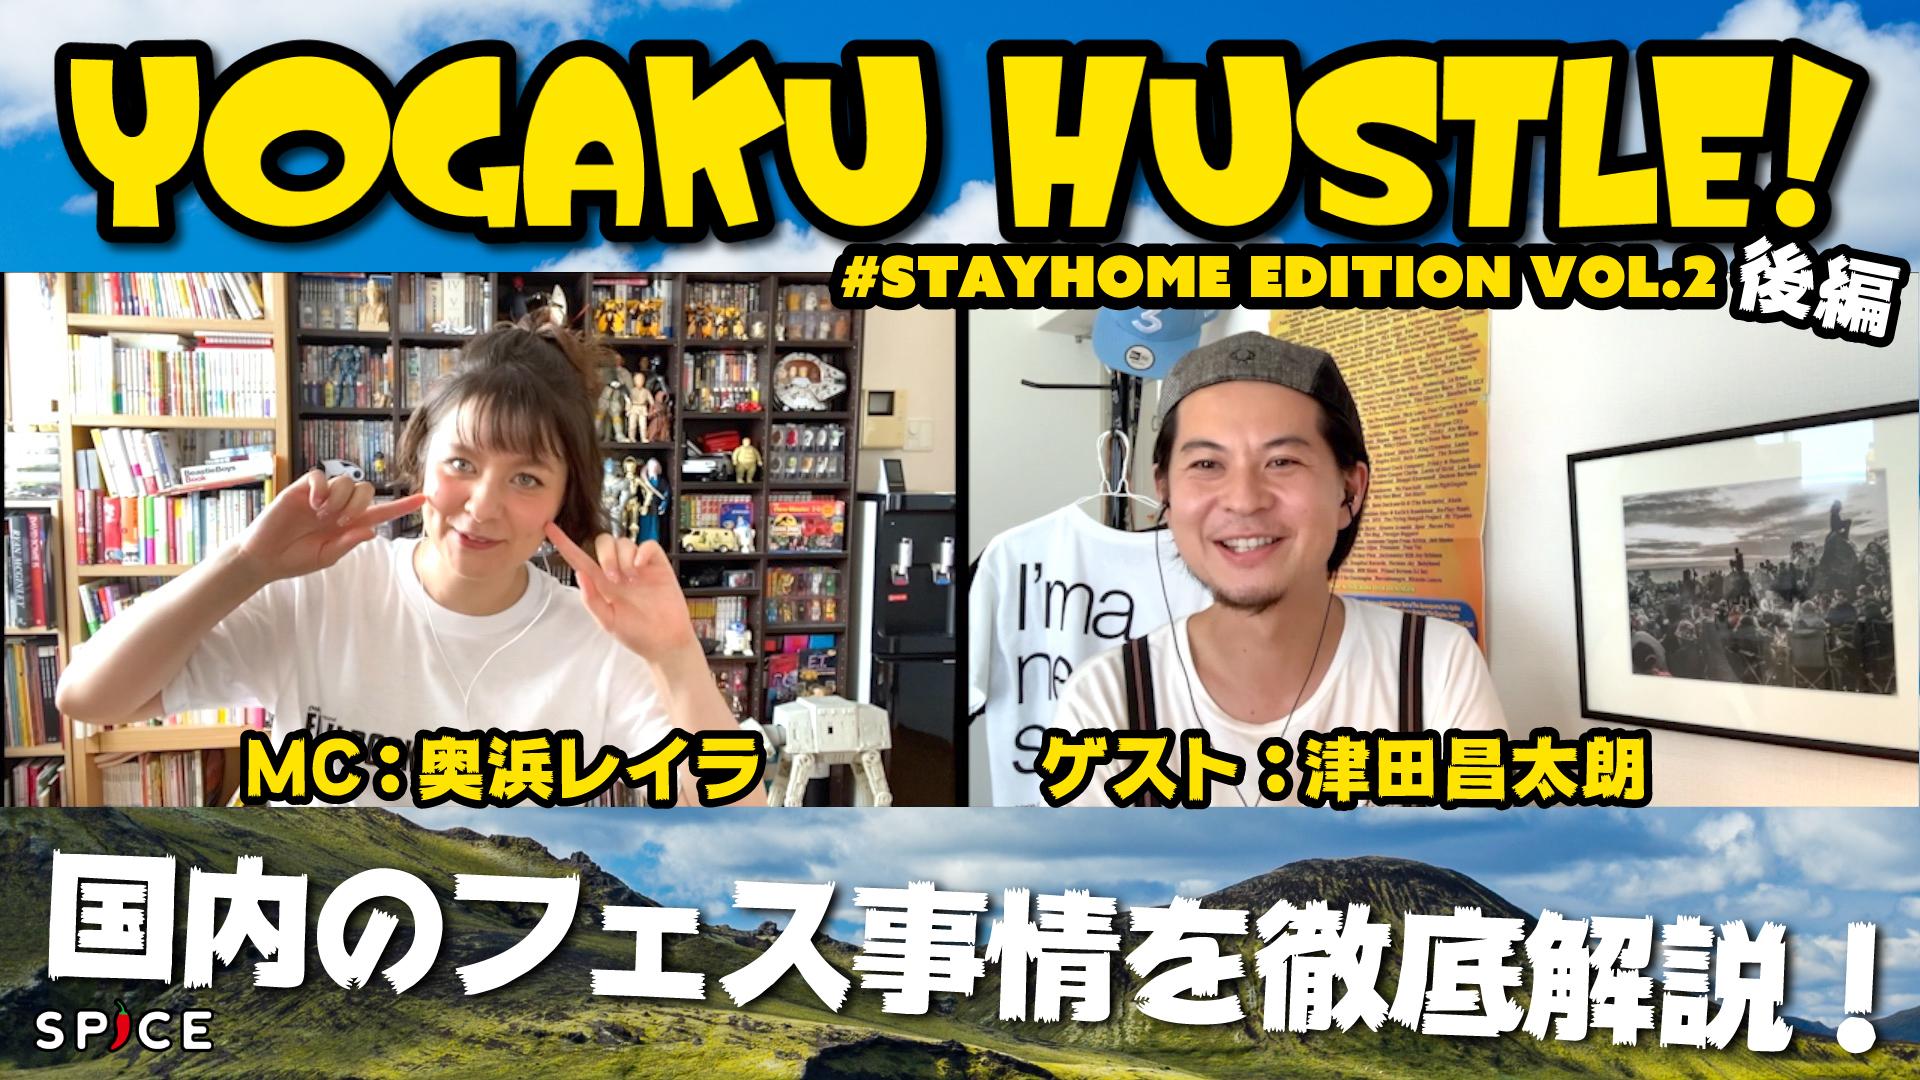 【洋楽ハッスル!#StayHome Edition VOL.2】後編